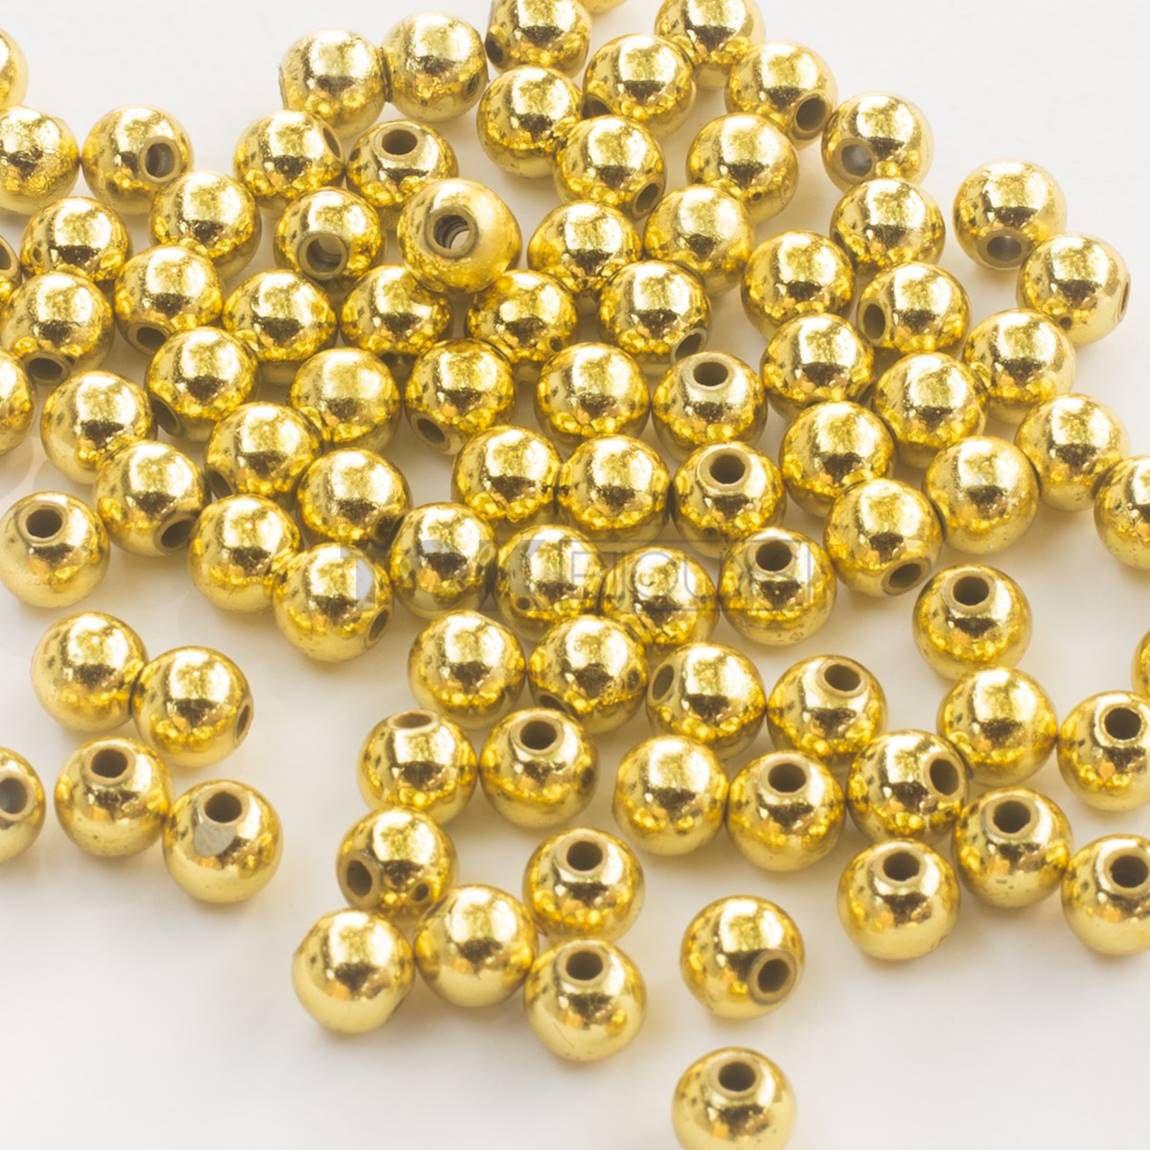 Pérola Redonda Abs 4mm - Dourado - 250g